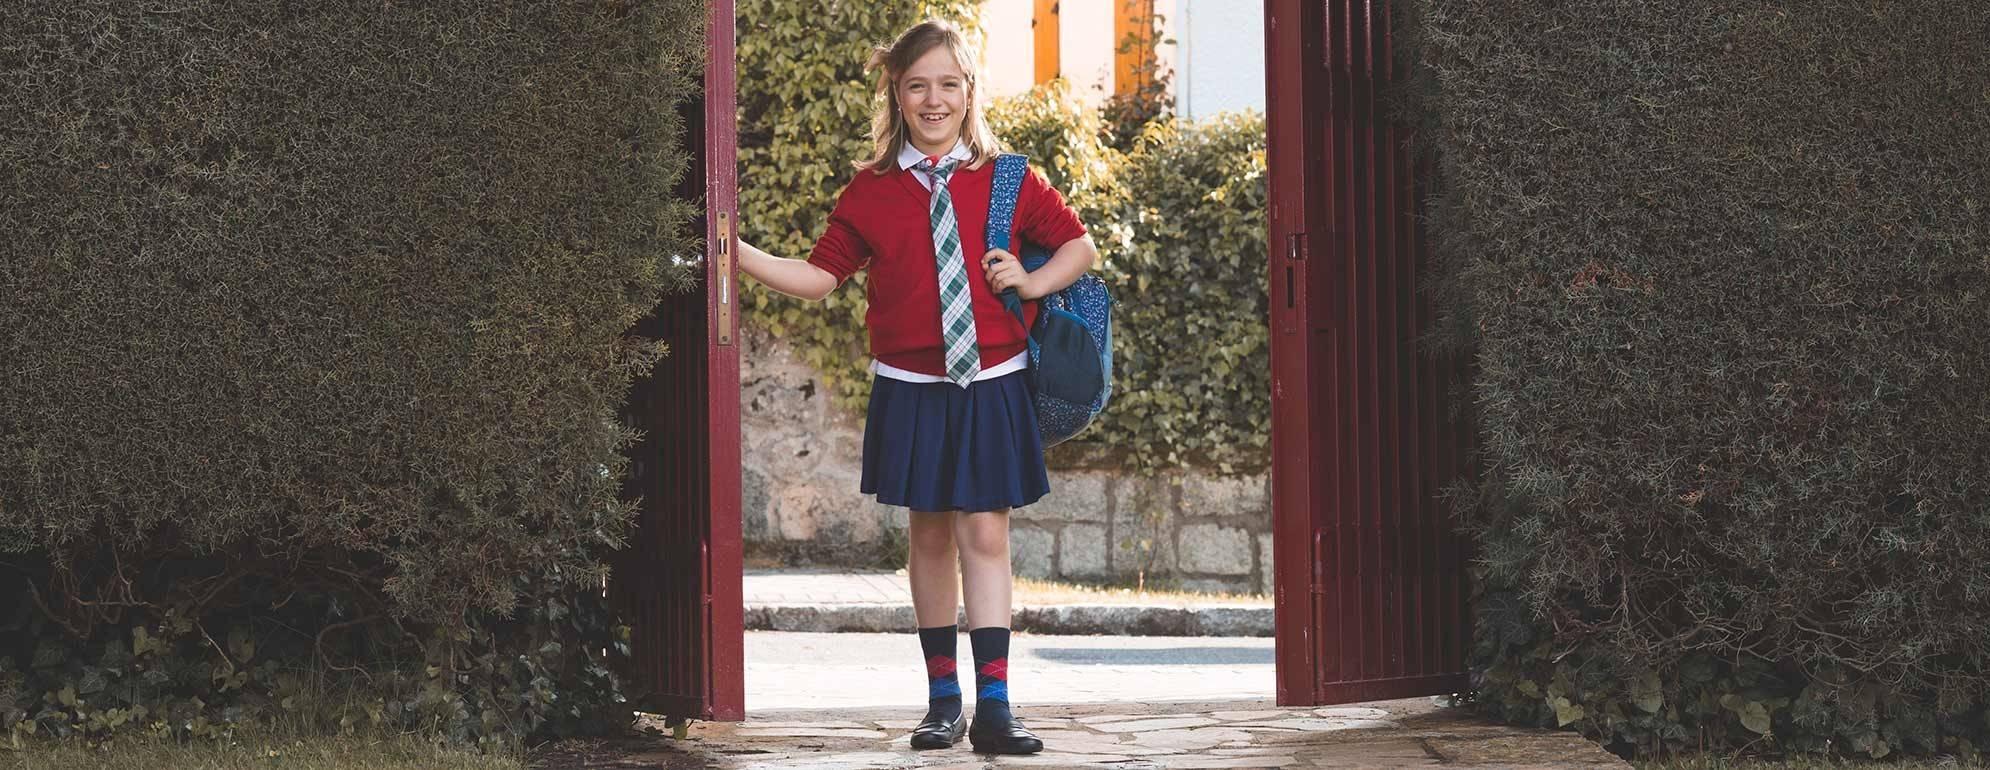 Calzado escolar infantil KoleKole